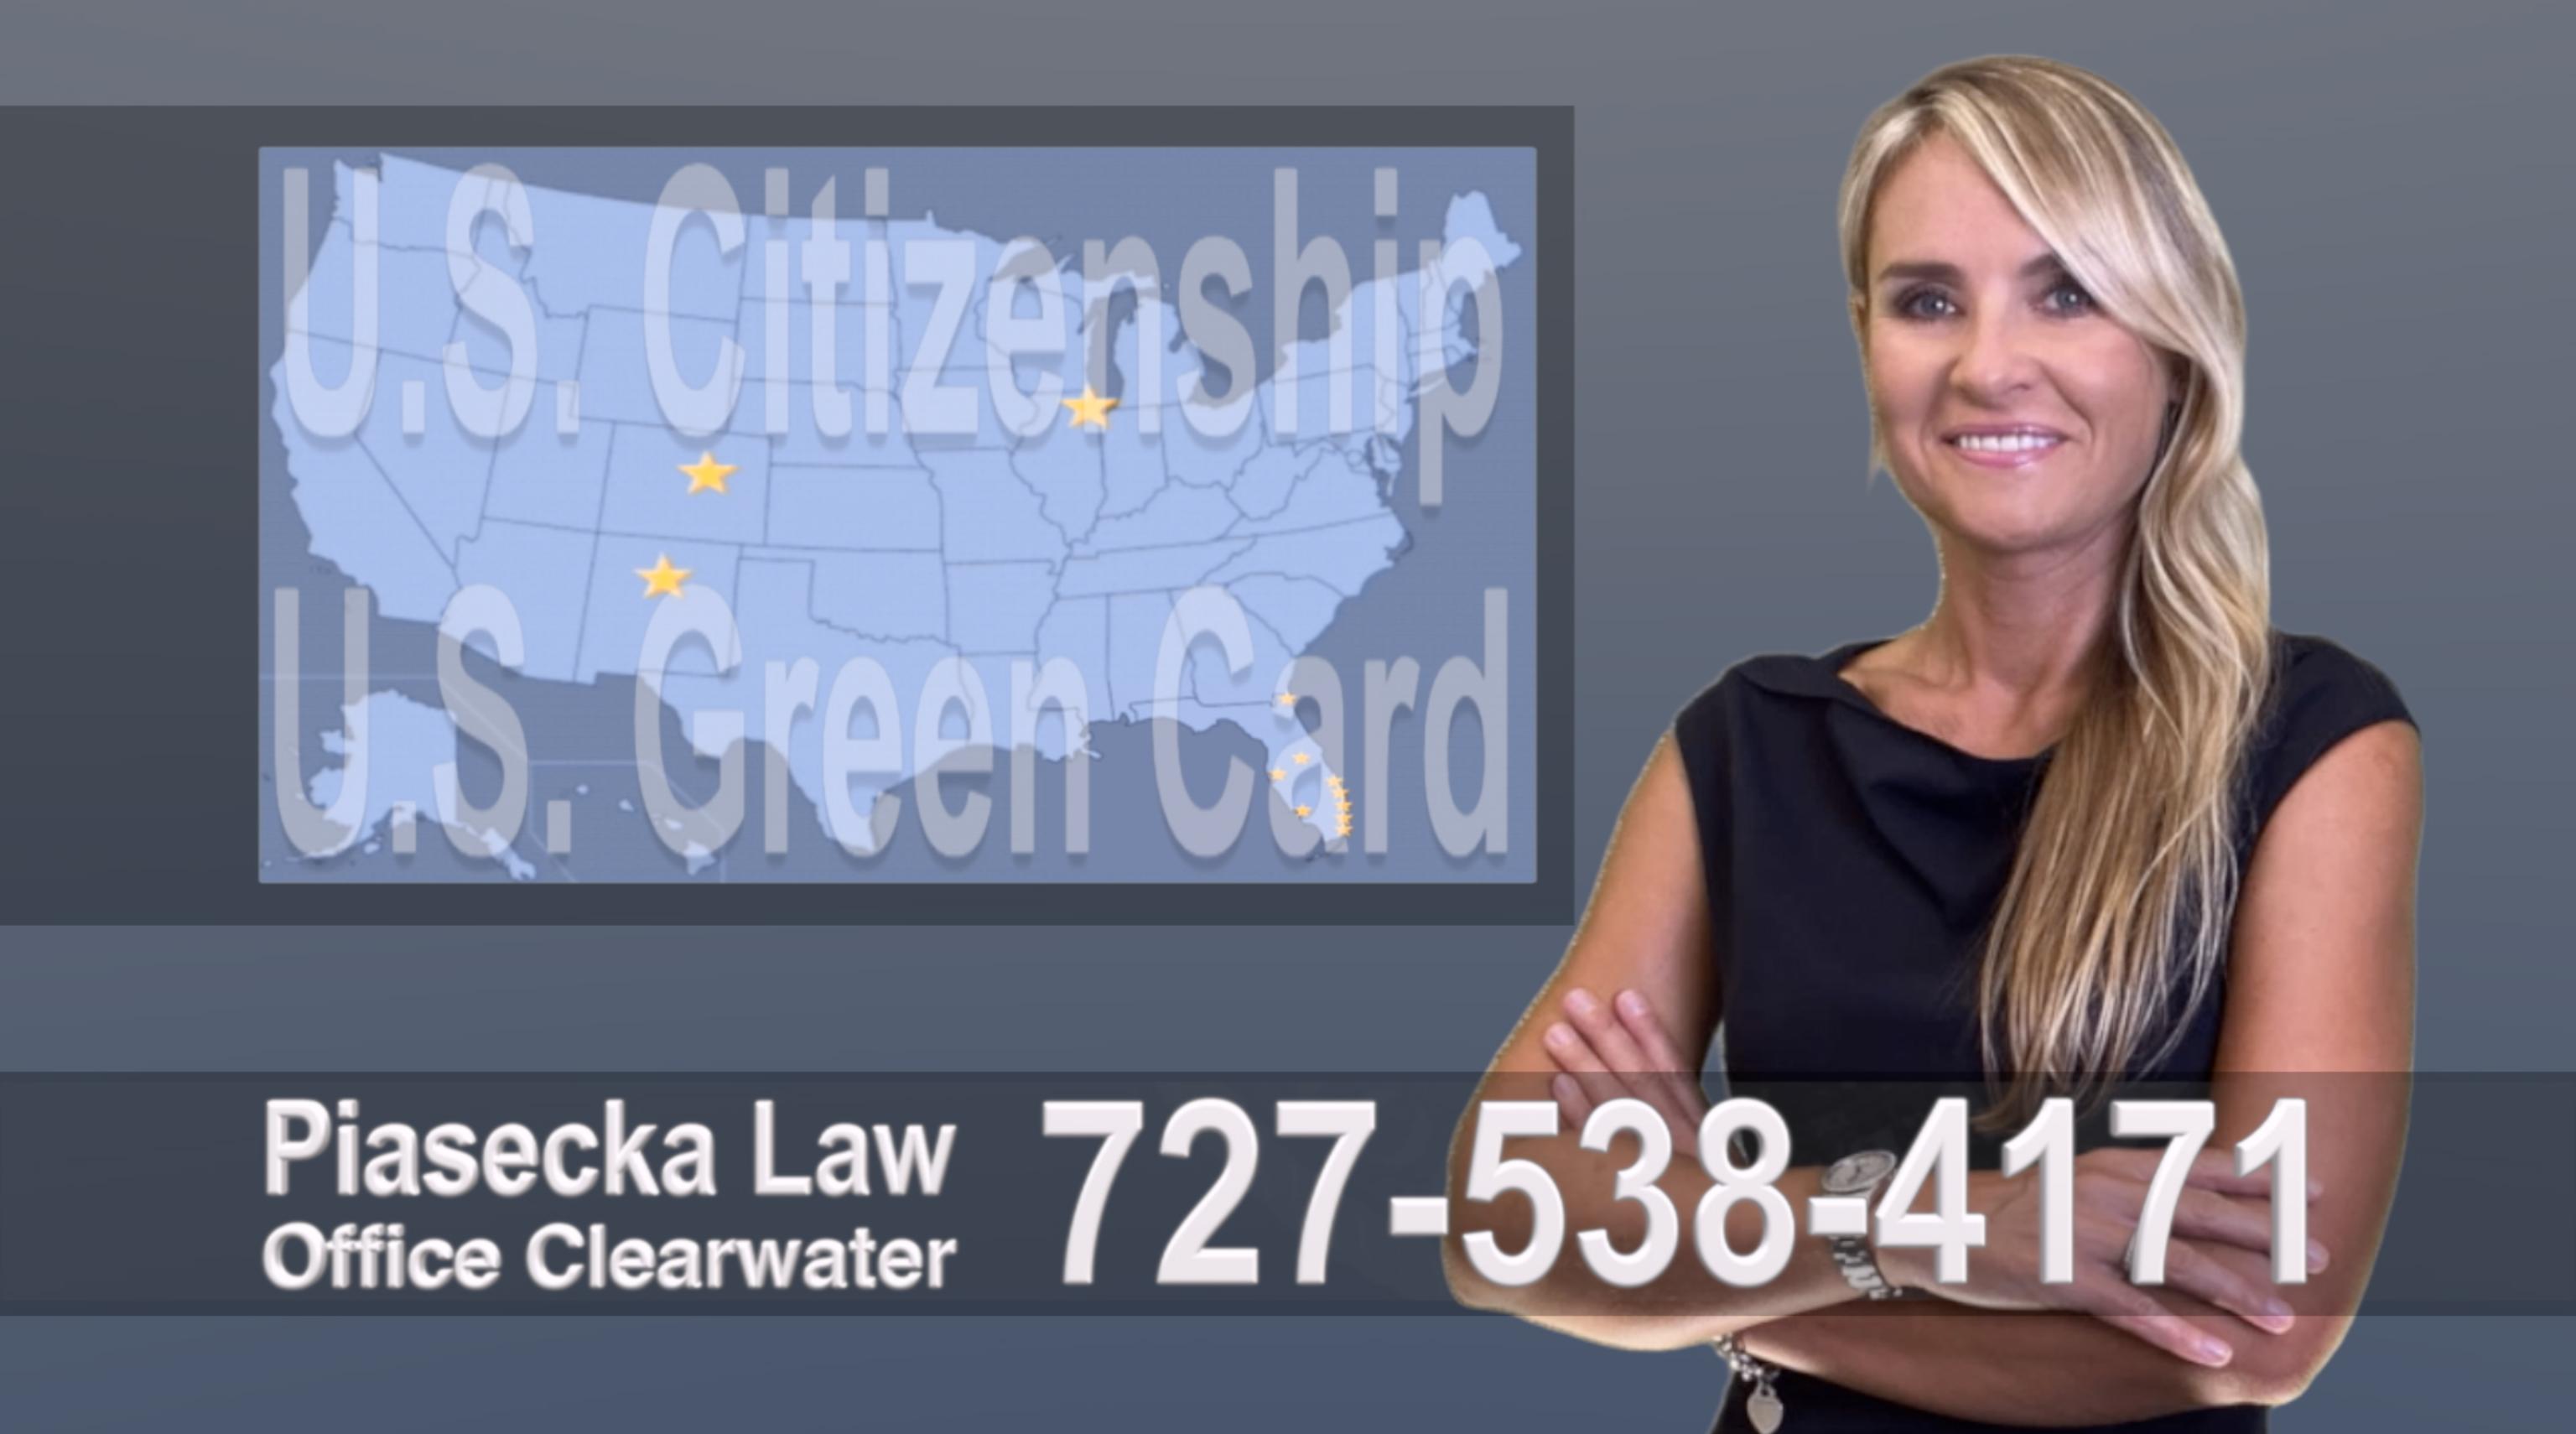 Polish Immigration Attorney Polish, Lawyer, Attorney, Tampa, Immigration, Immigration Law Green Card Citizenship Prawo Imigracyjne i Zielona Karta, Obywatelstwo, Polscy Prawnicy, Adwokaci